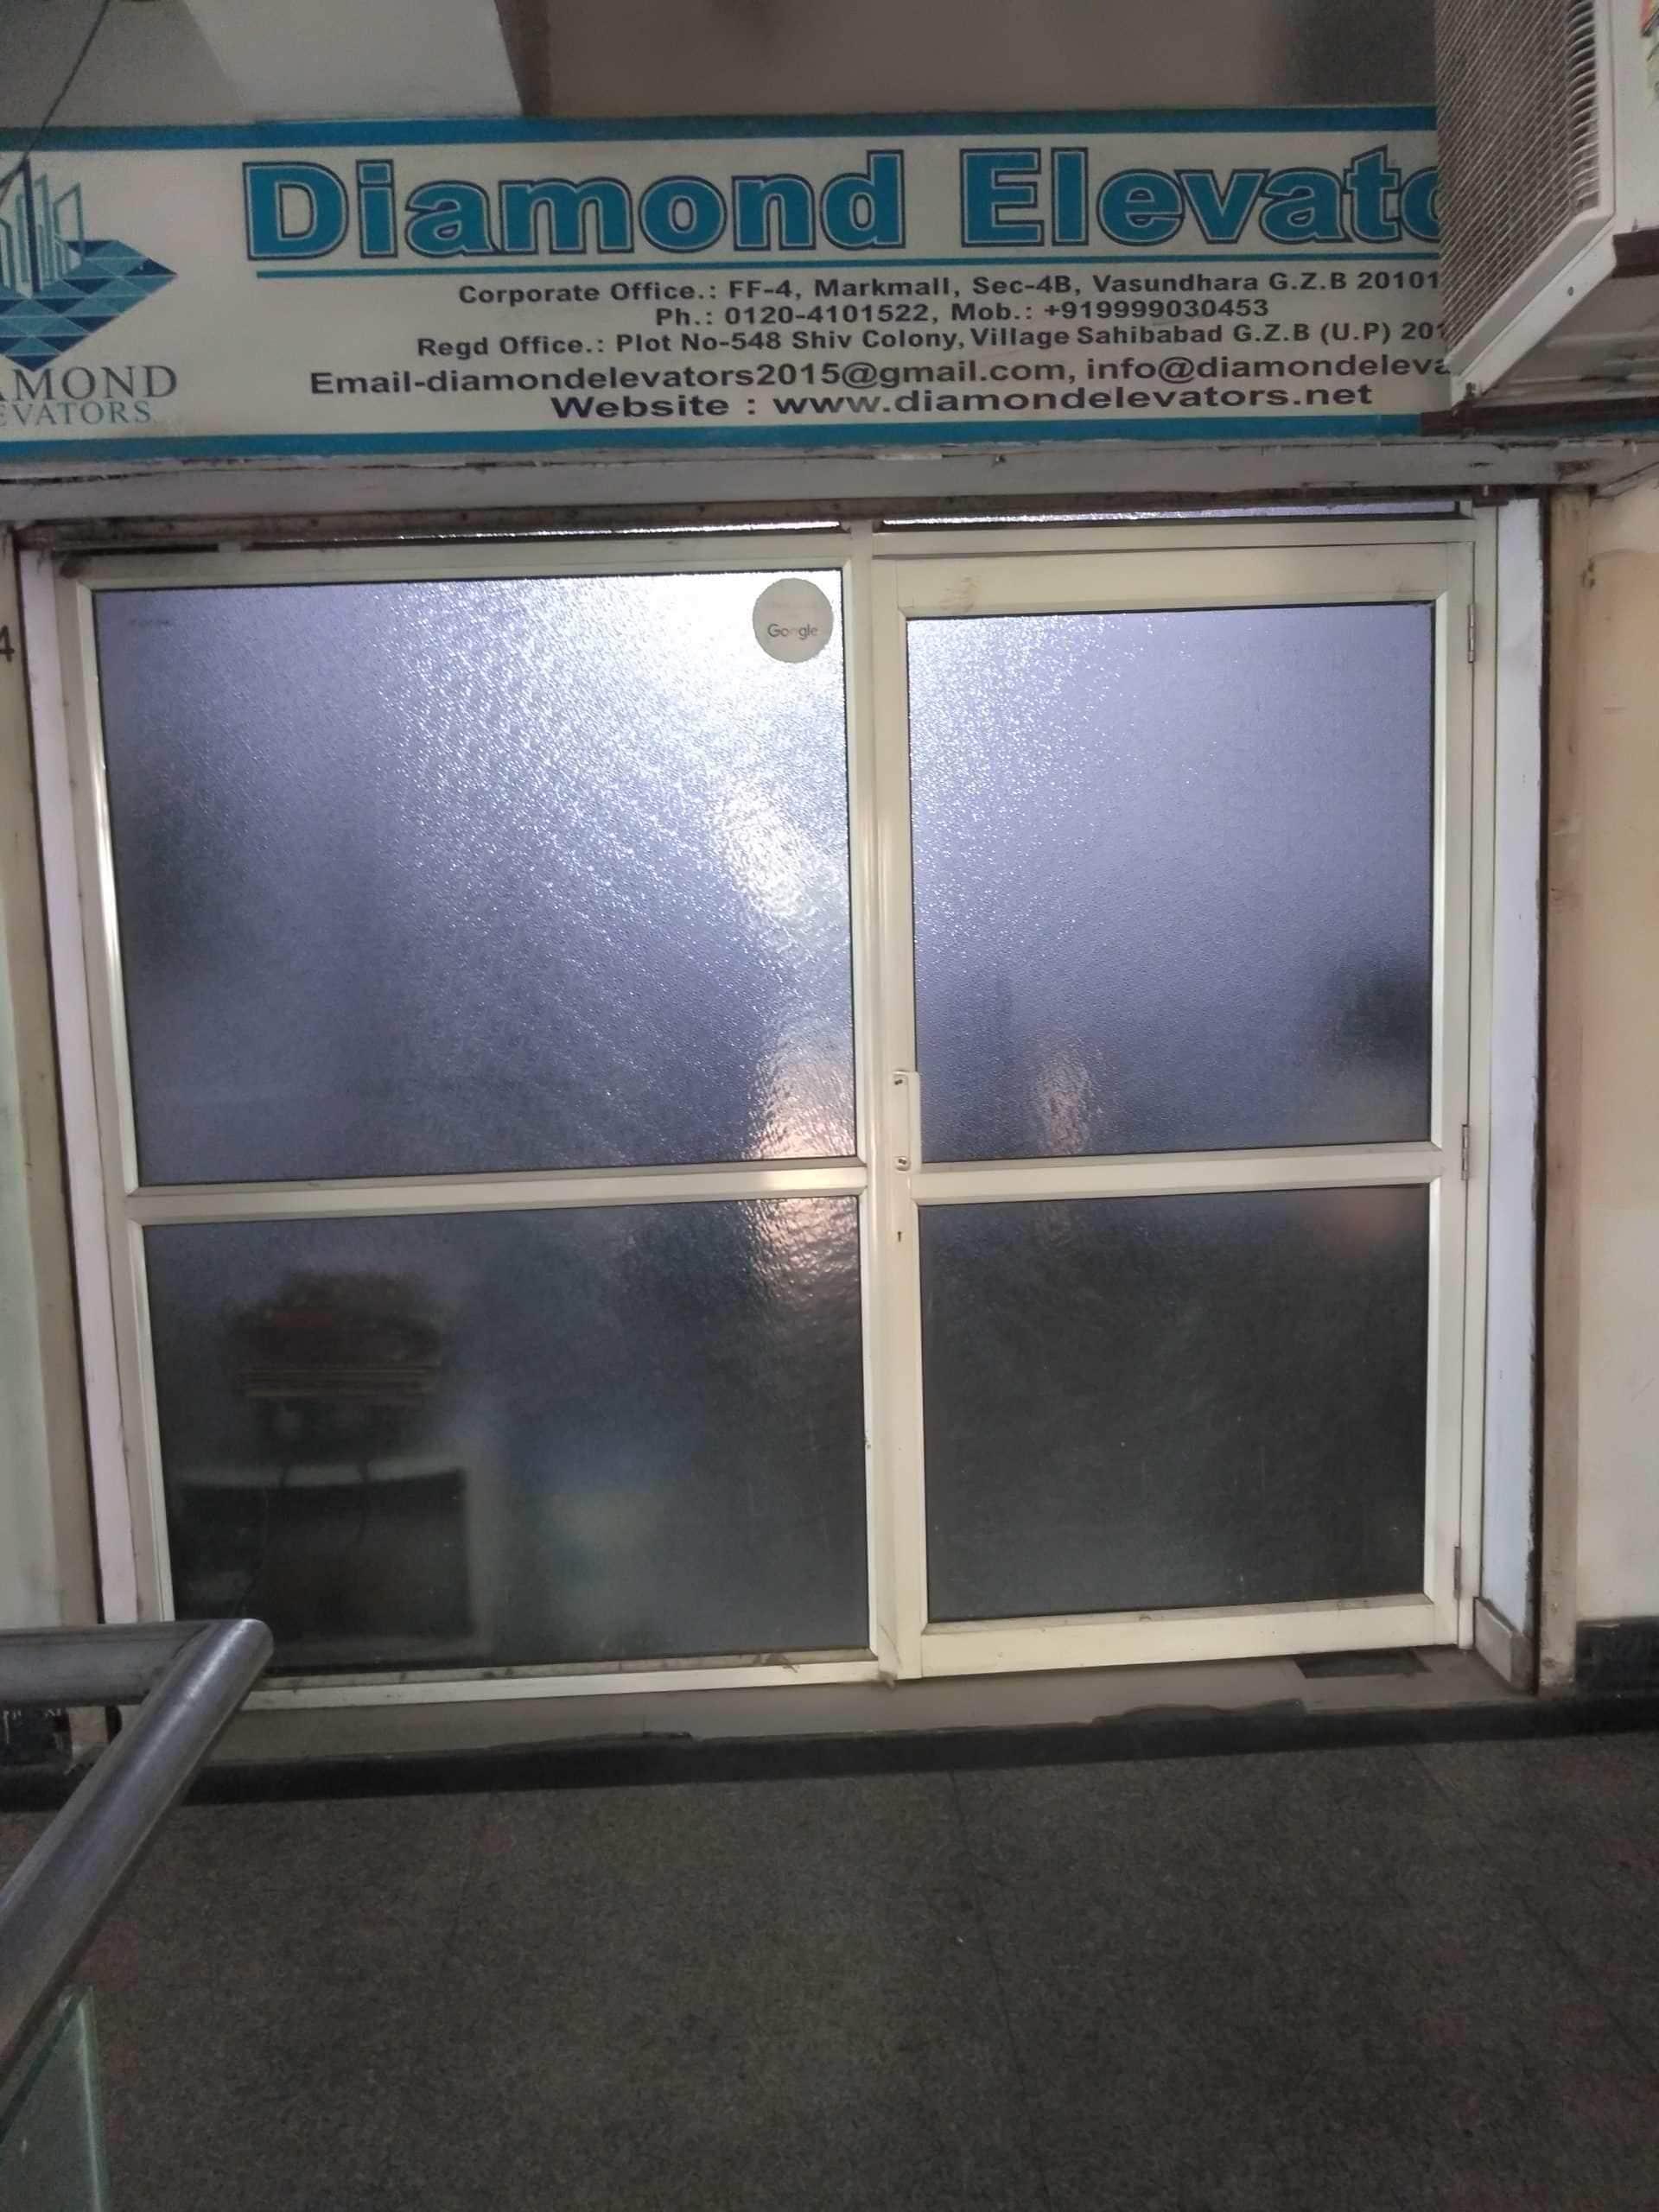 Top 100 Kone Elevator Repair & Services in Vasundhara Sector